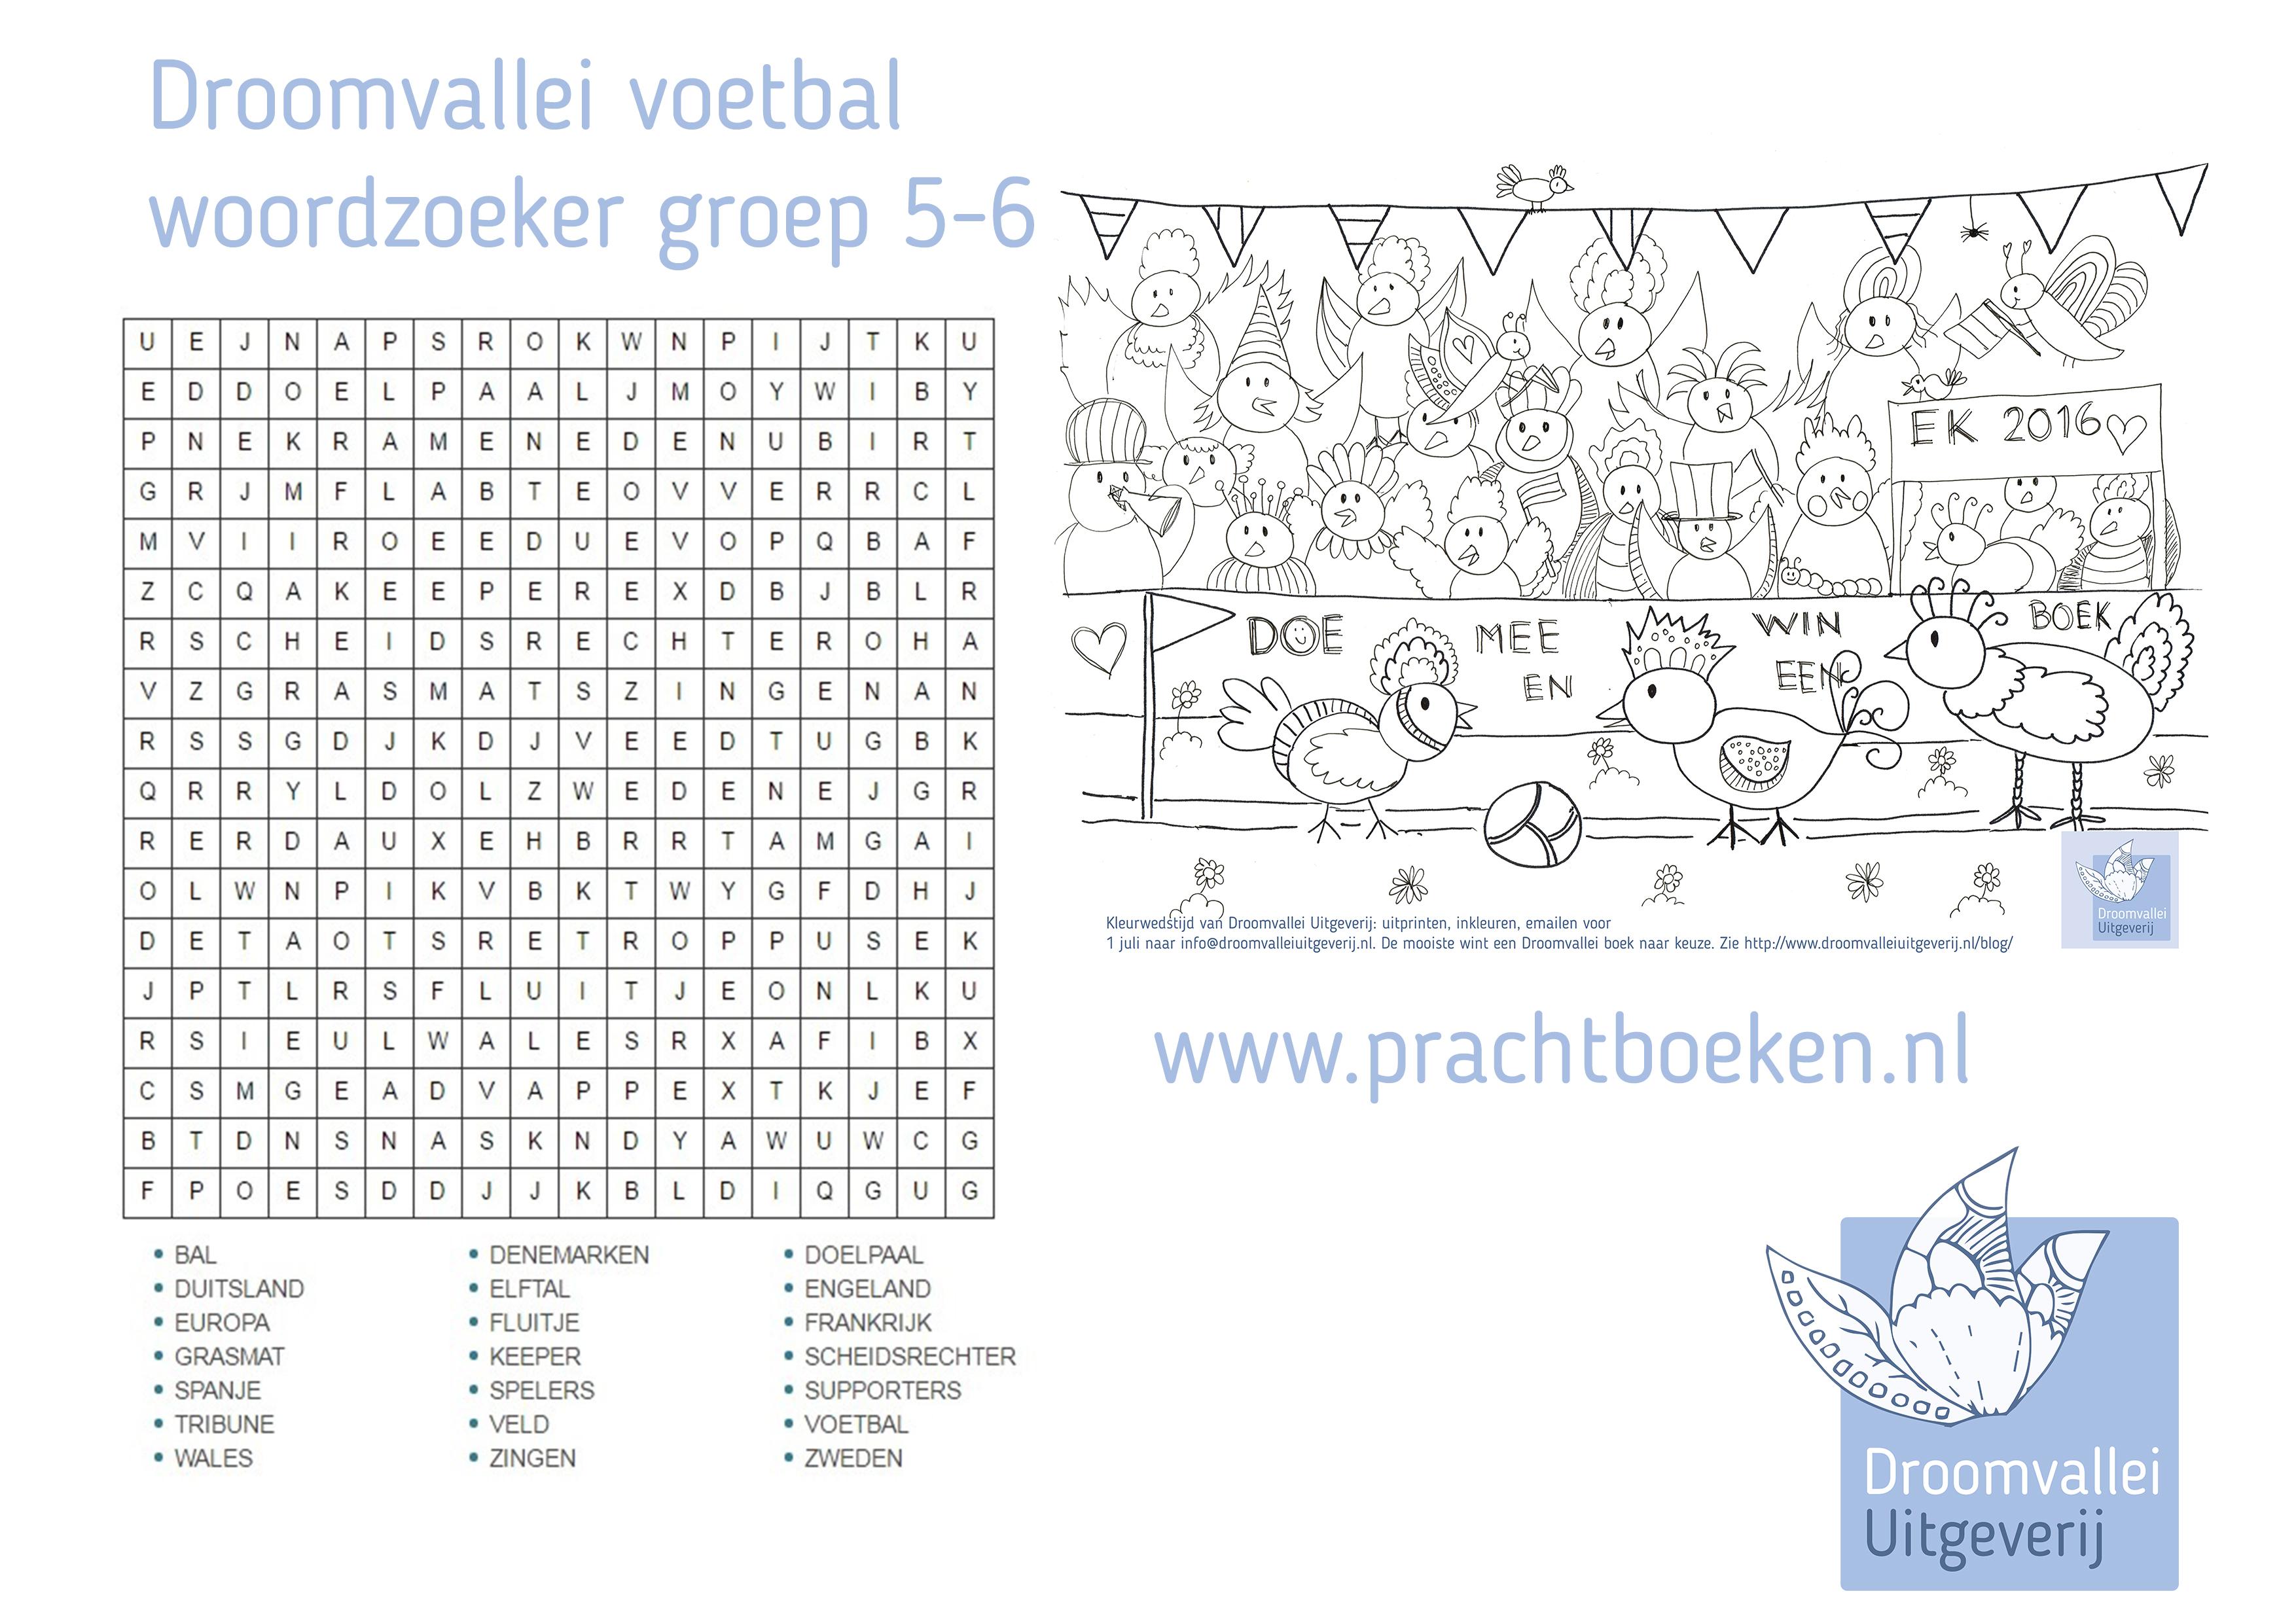 Woordzoeker Groep 5 6 Voetbal Droomvallei Uitgeverij